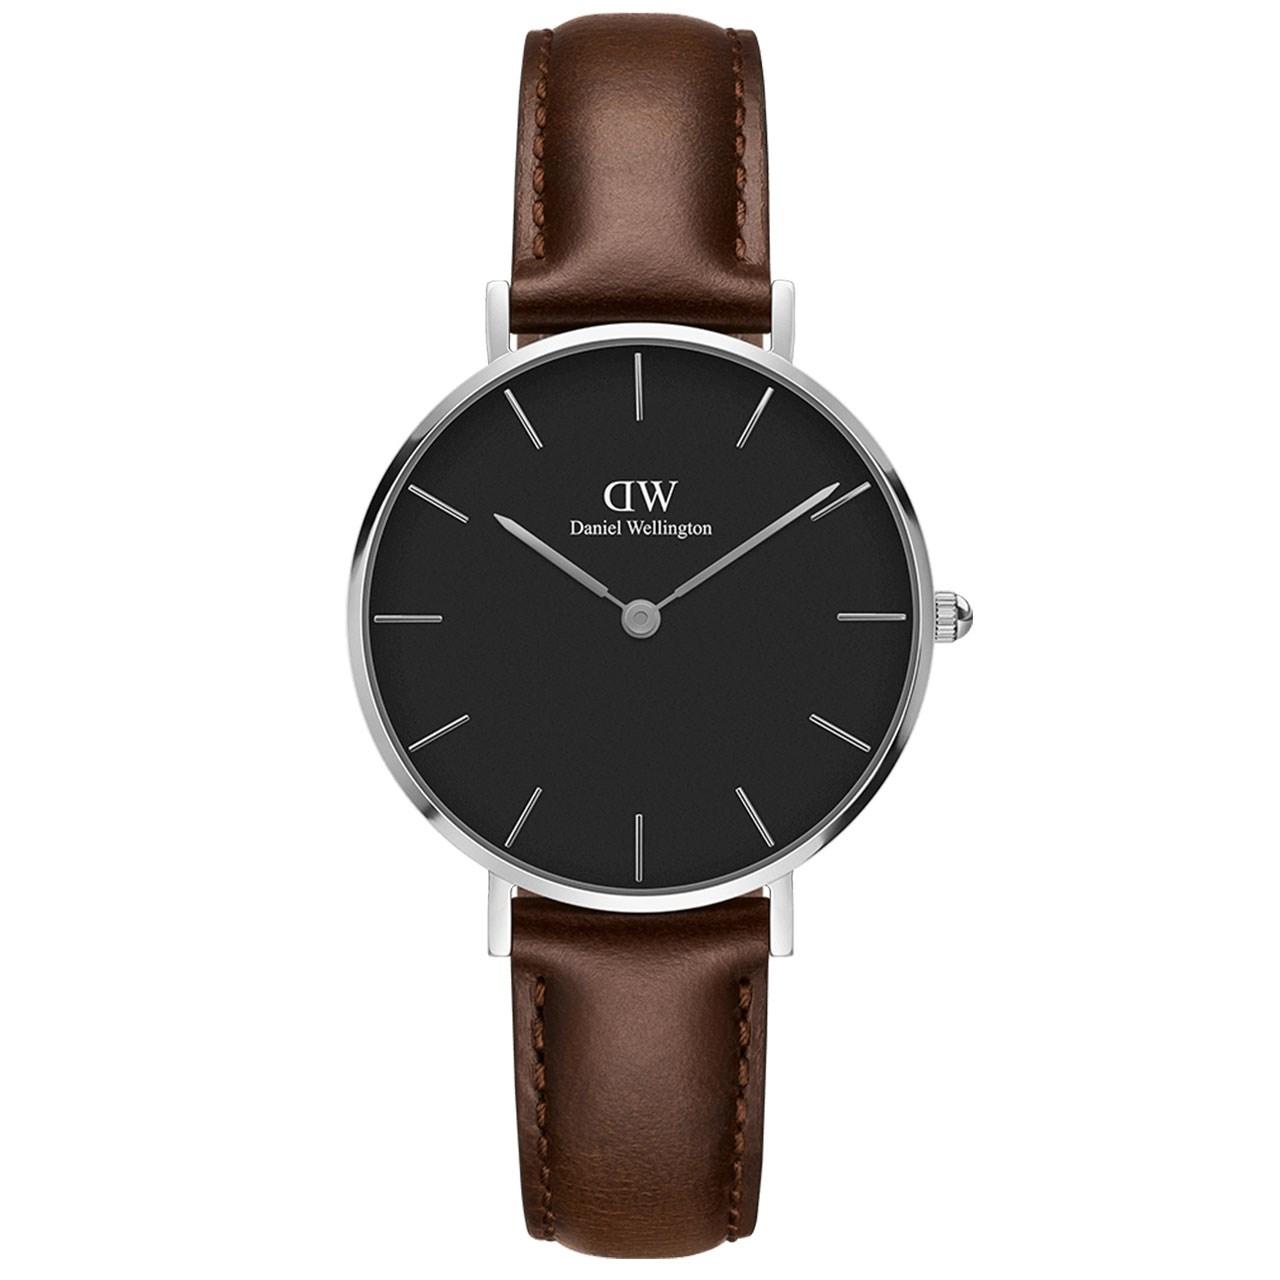 ساعت مچی عقربه ای زنانه دنیل ولینگتون مدل DW00100177              خرید (⭐️⭐️⭐️)